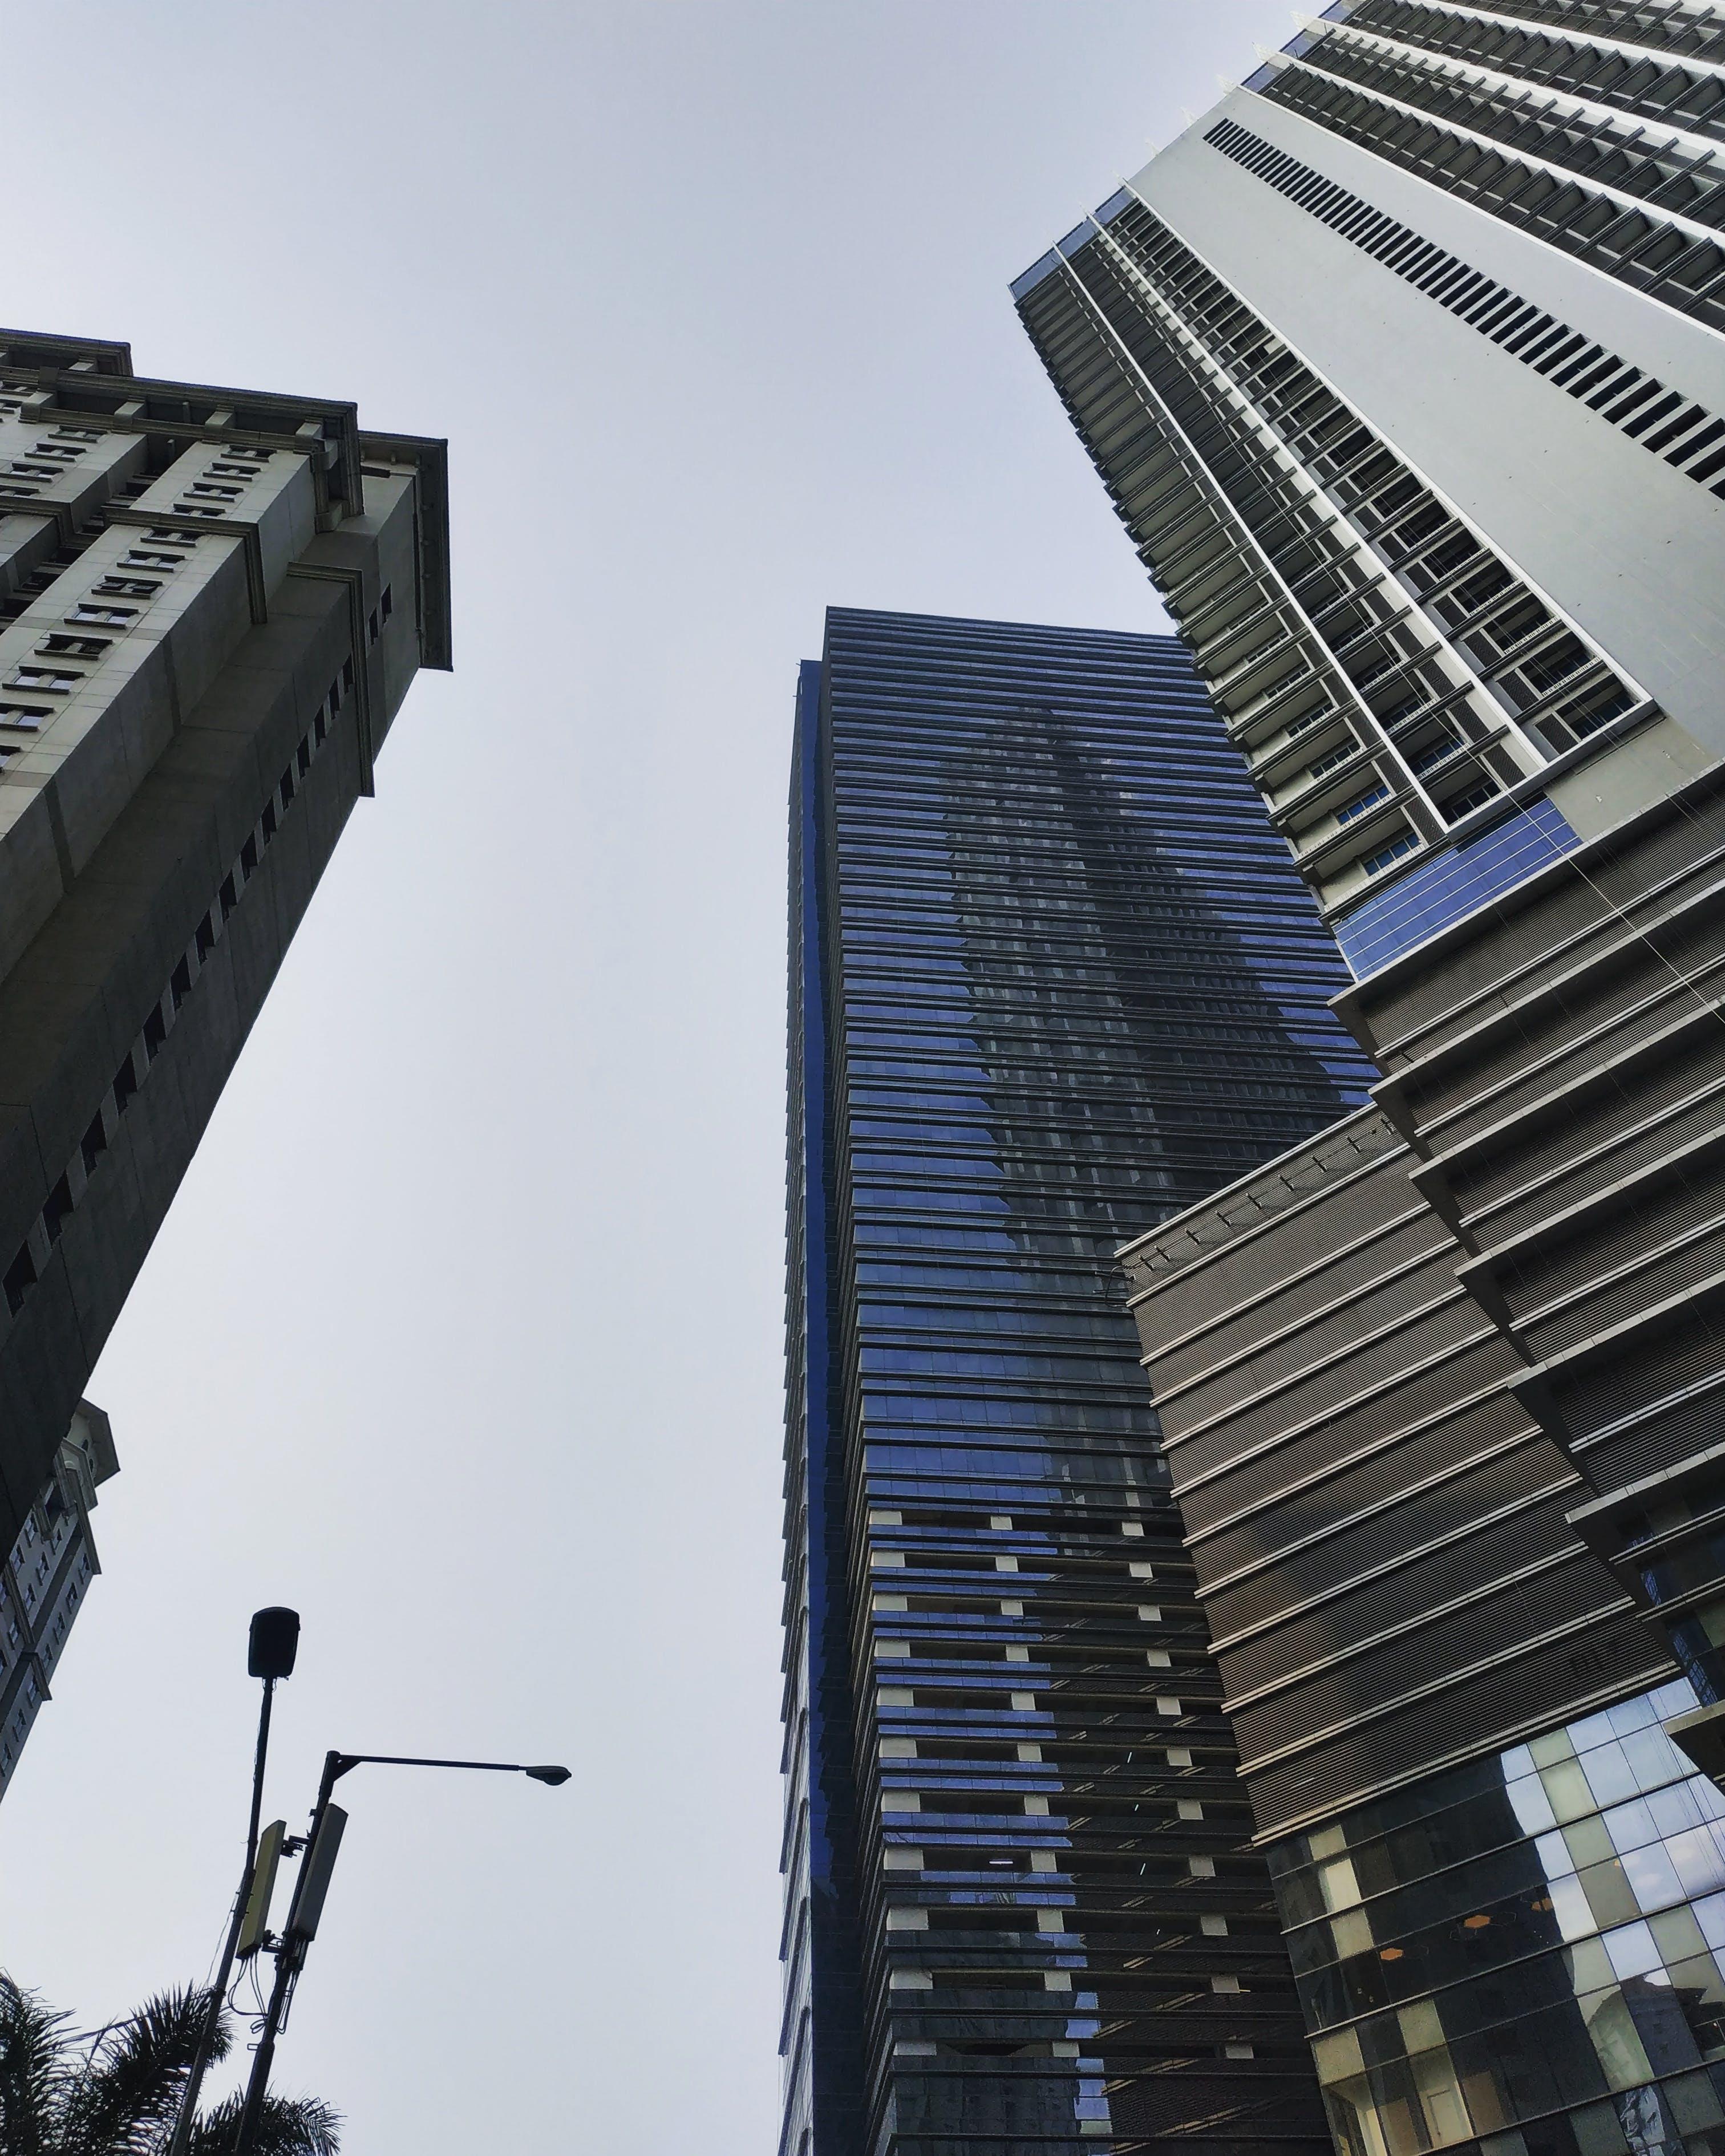 bakış açısı, binalar, camlar, dar açılı fotoğraf içeren Ücretsiz stok fotoğraf